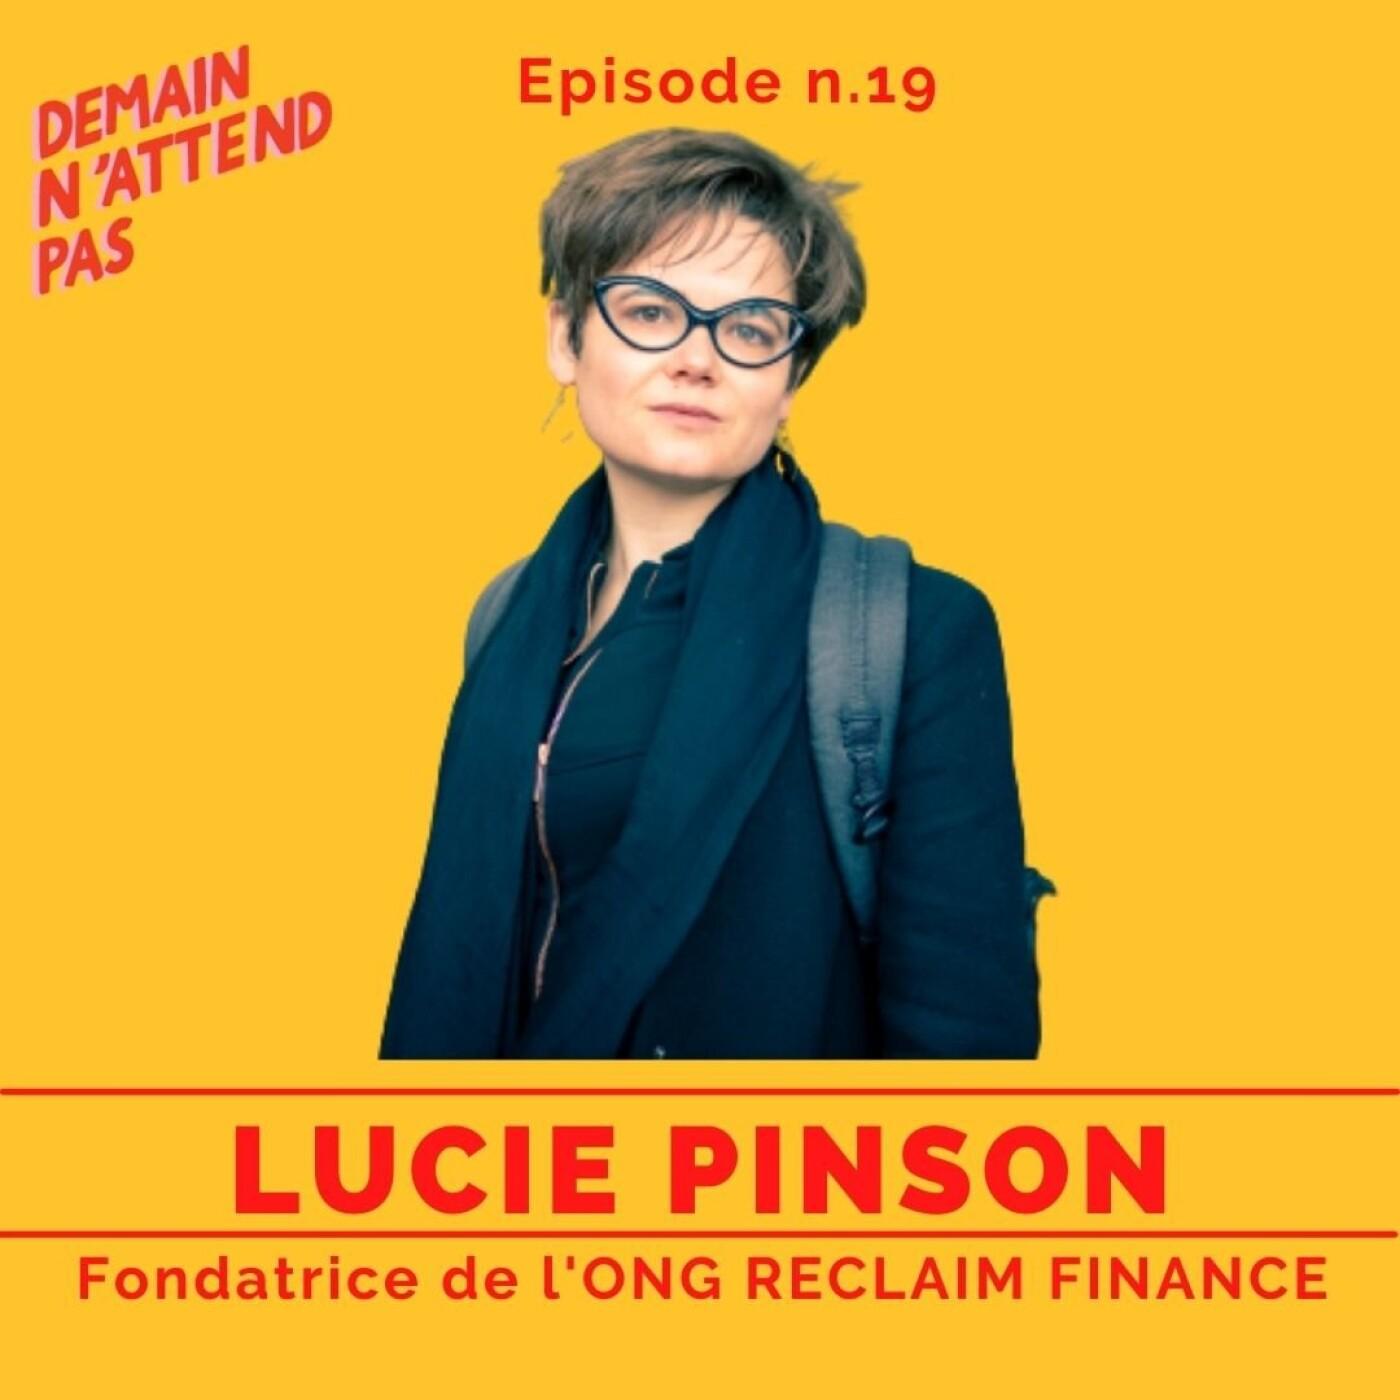 19 - Lucie Pinson, fondatrice de l'ONG Reclaim Finance : mettre la finance au service de la nat